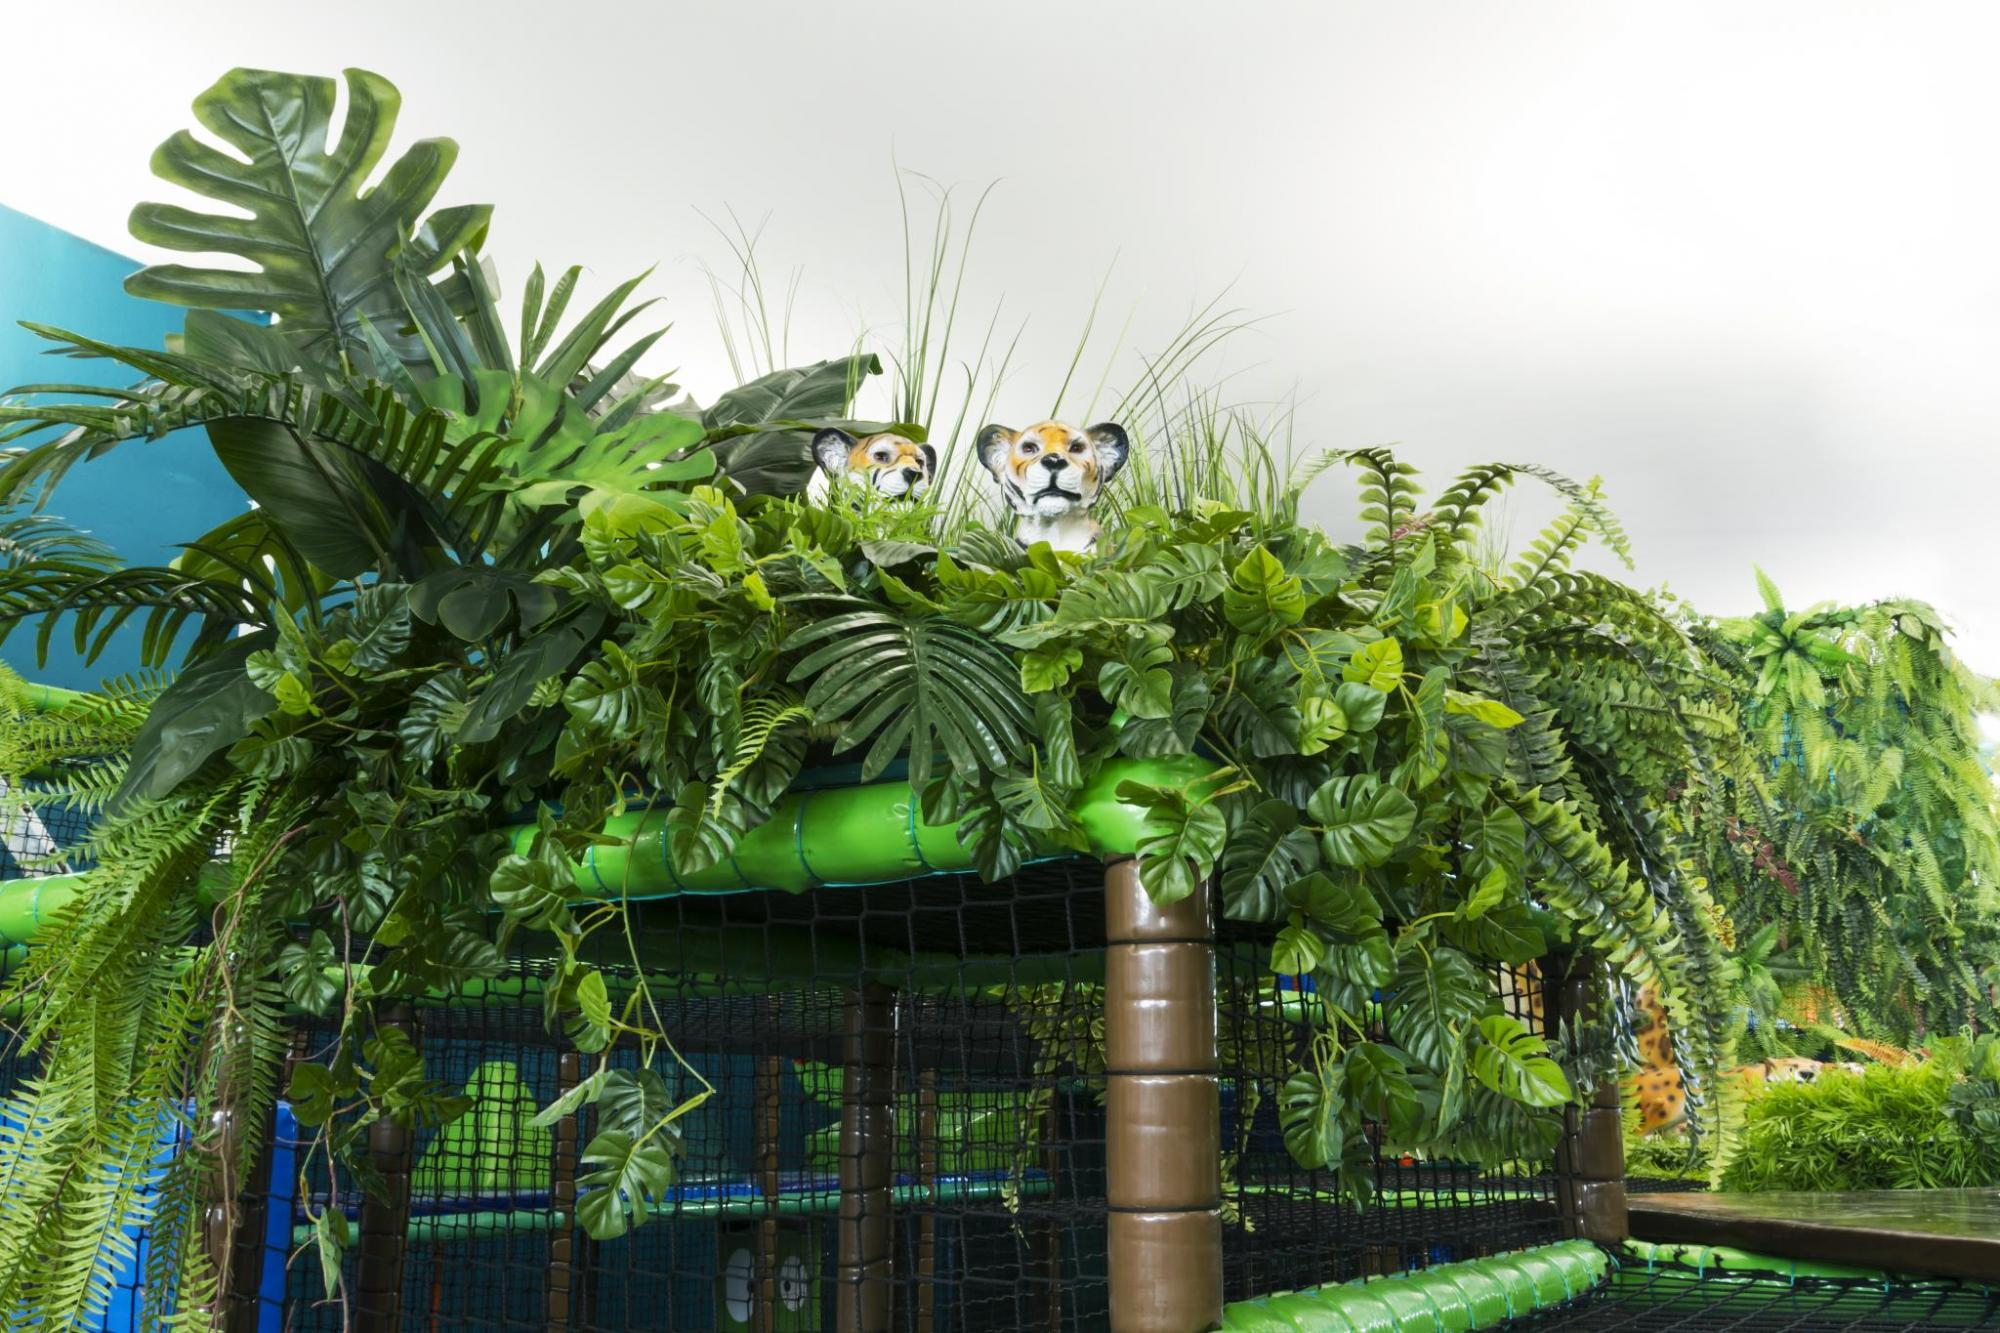 Egzotyczna aranżacja roślinna w Jungle Academy